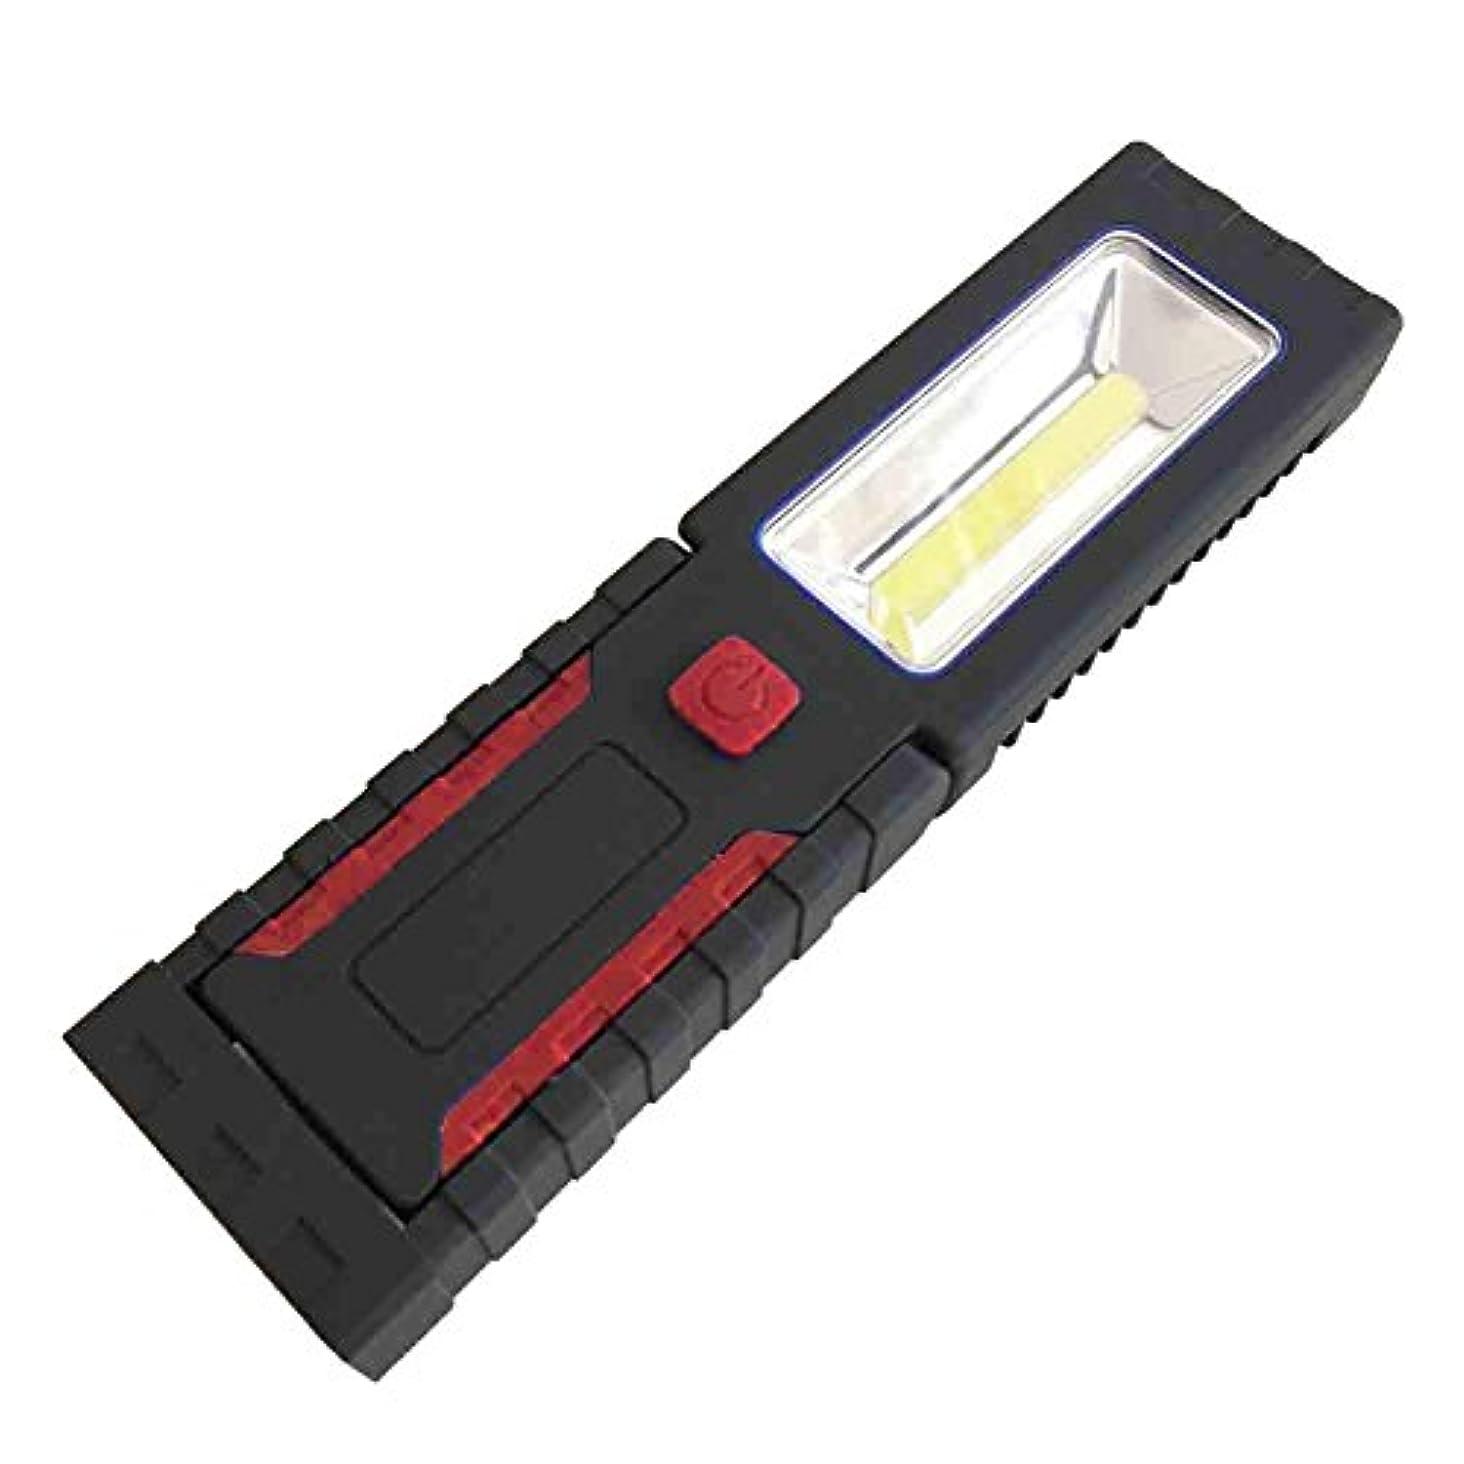 自動車ペデスタル例示するK-outdoor 懐中電灯 LED アウトドア ホーム メンテナンス 緊急ランプ 仕事ライト 防水